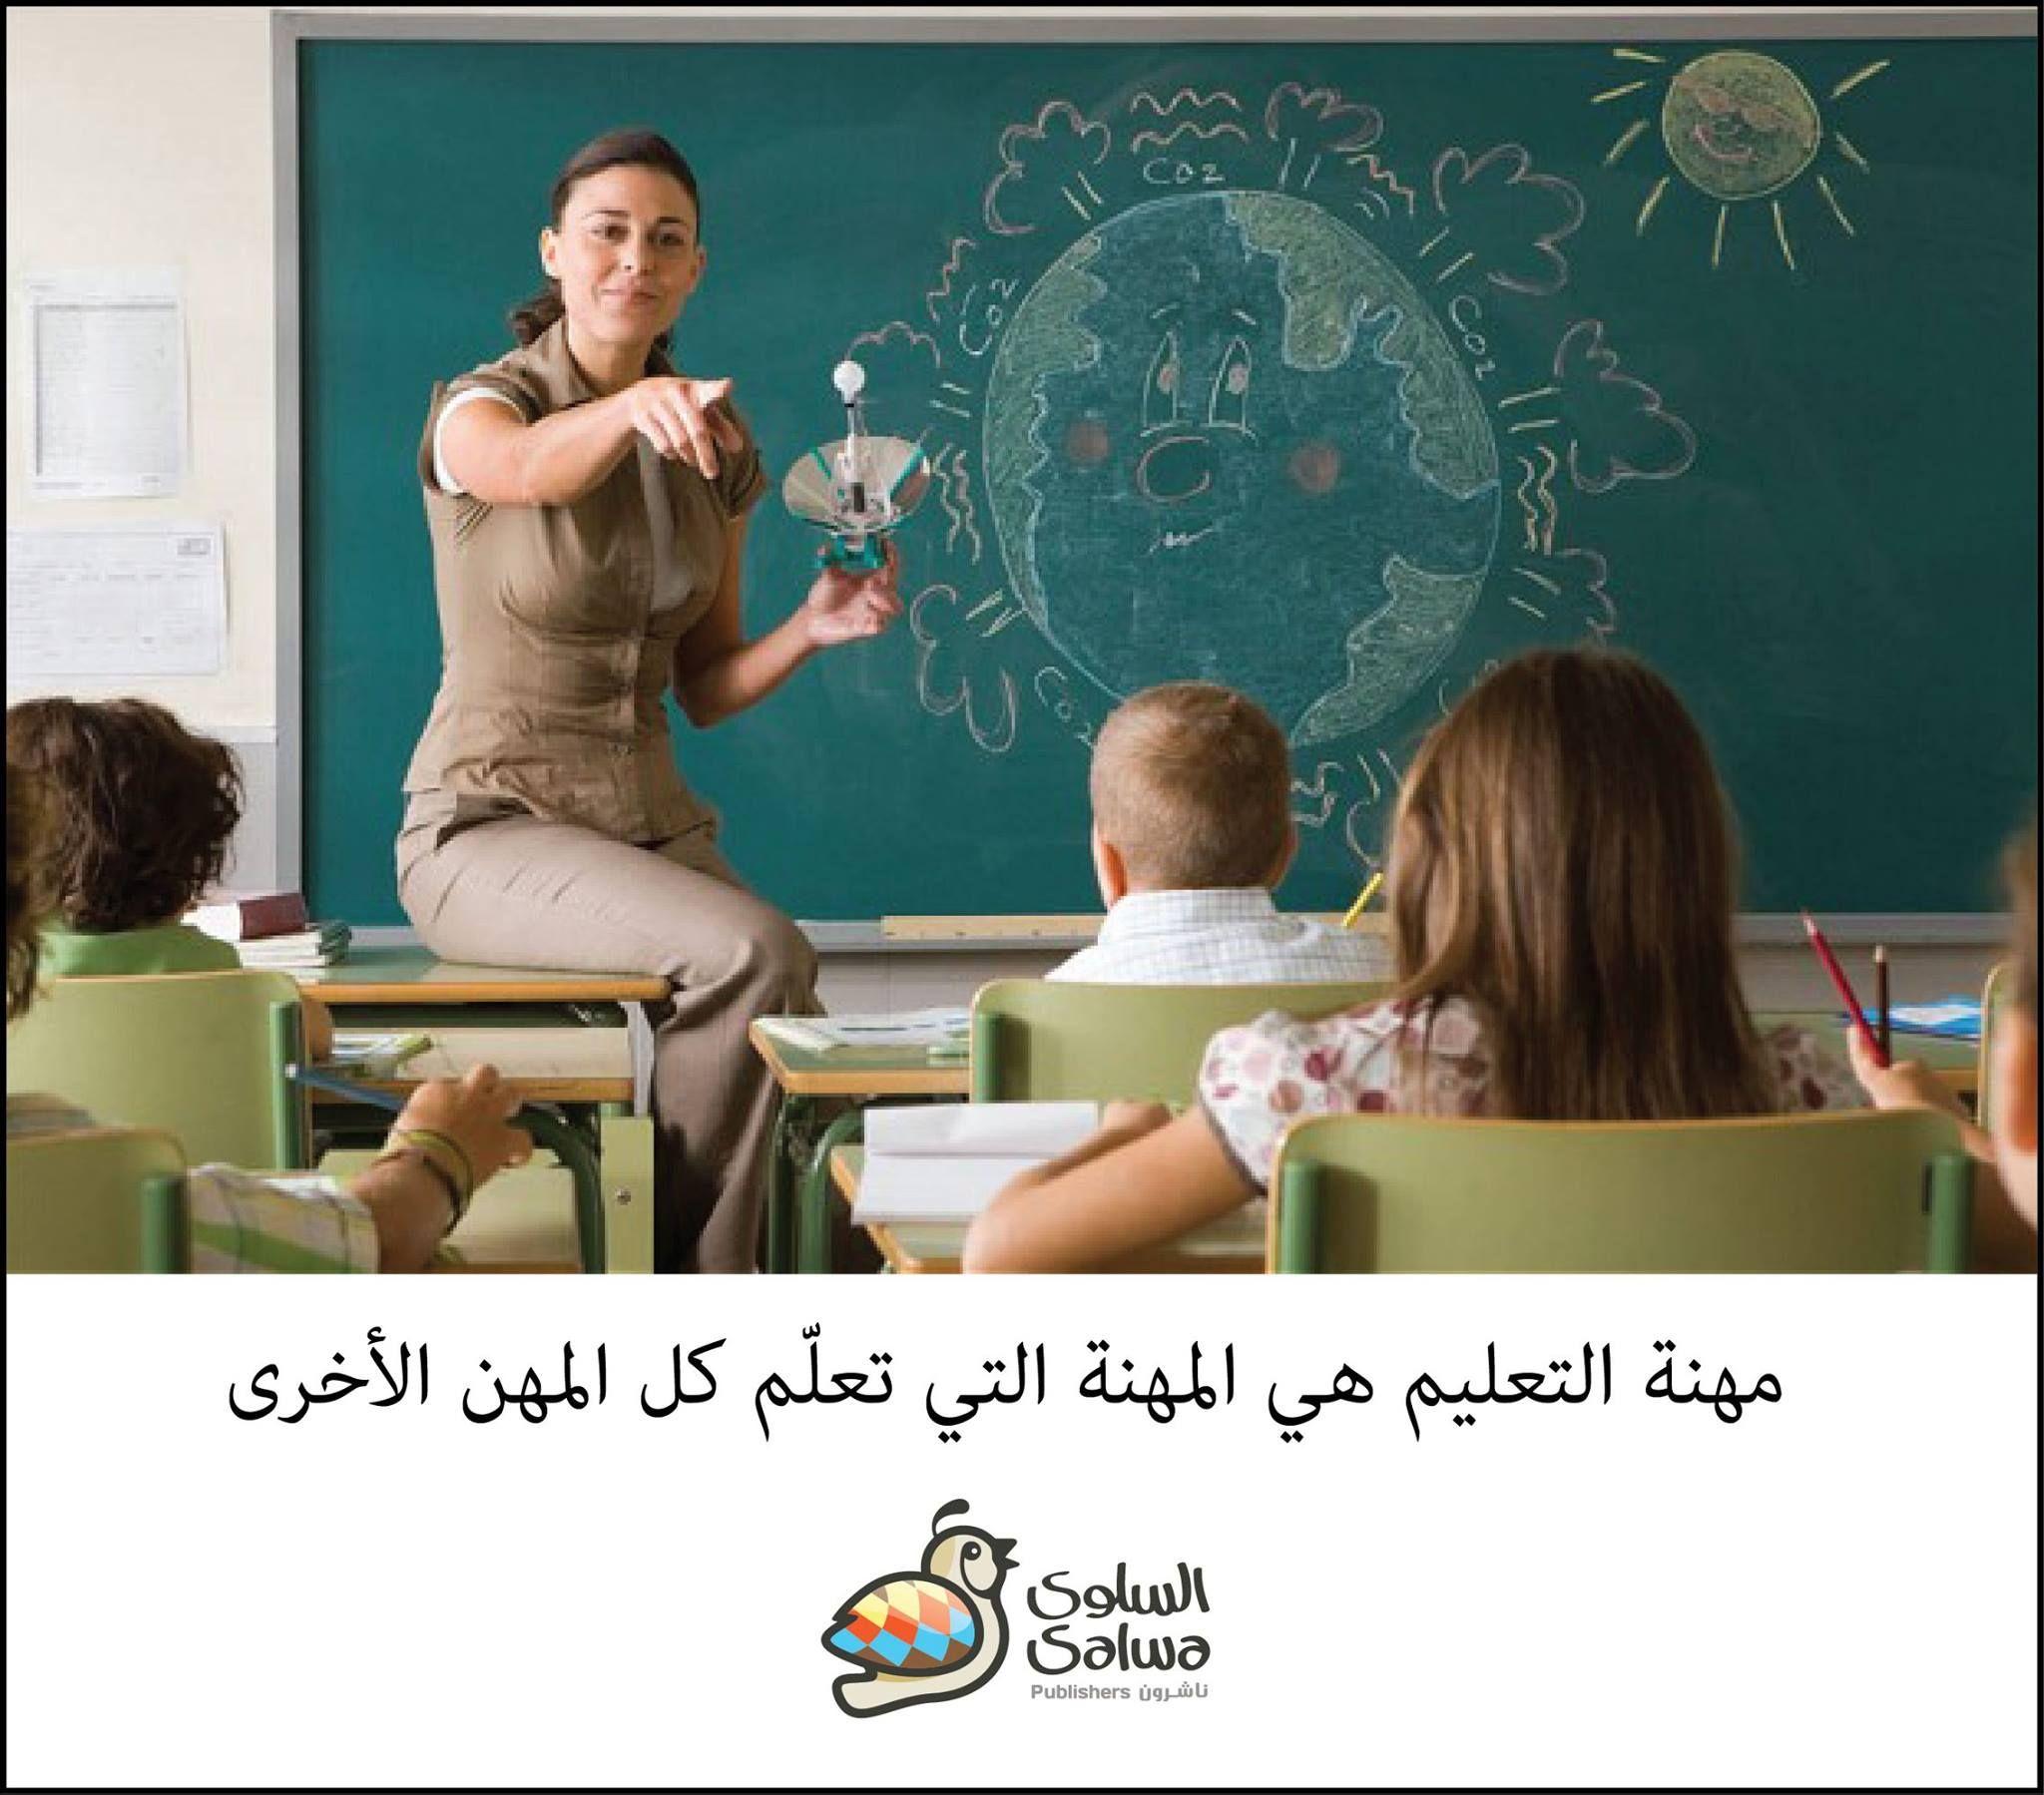 أجمل التهاني إلى جميع المعلمين بمناسبة يوم المعلم العالمي مهنة التعليم هي المهنة التي تعل م كل المهن الأخرى Headteacher Modern Teacher Teacher Development